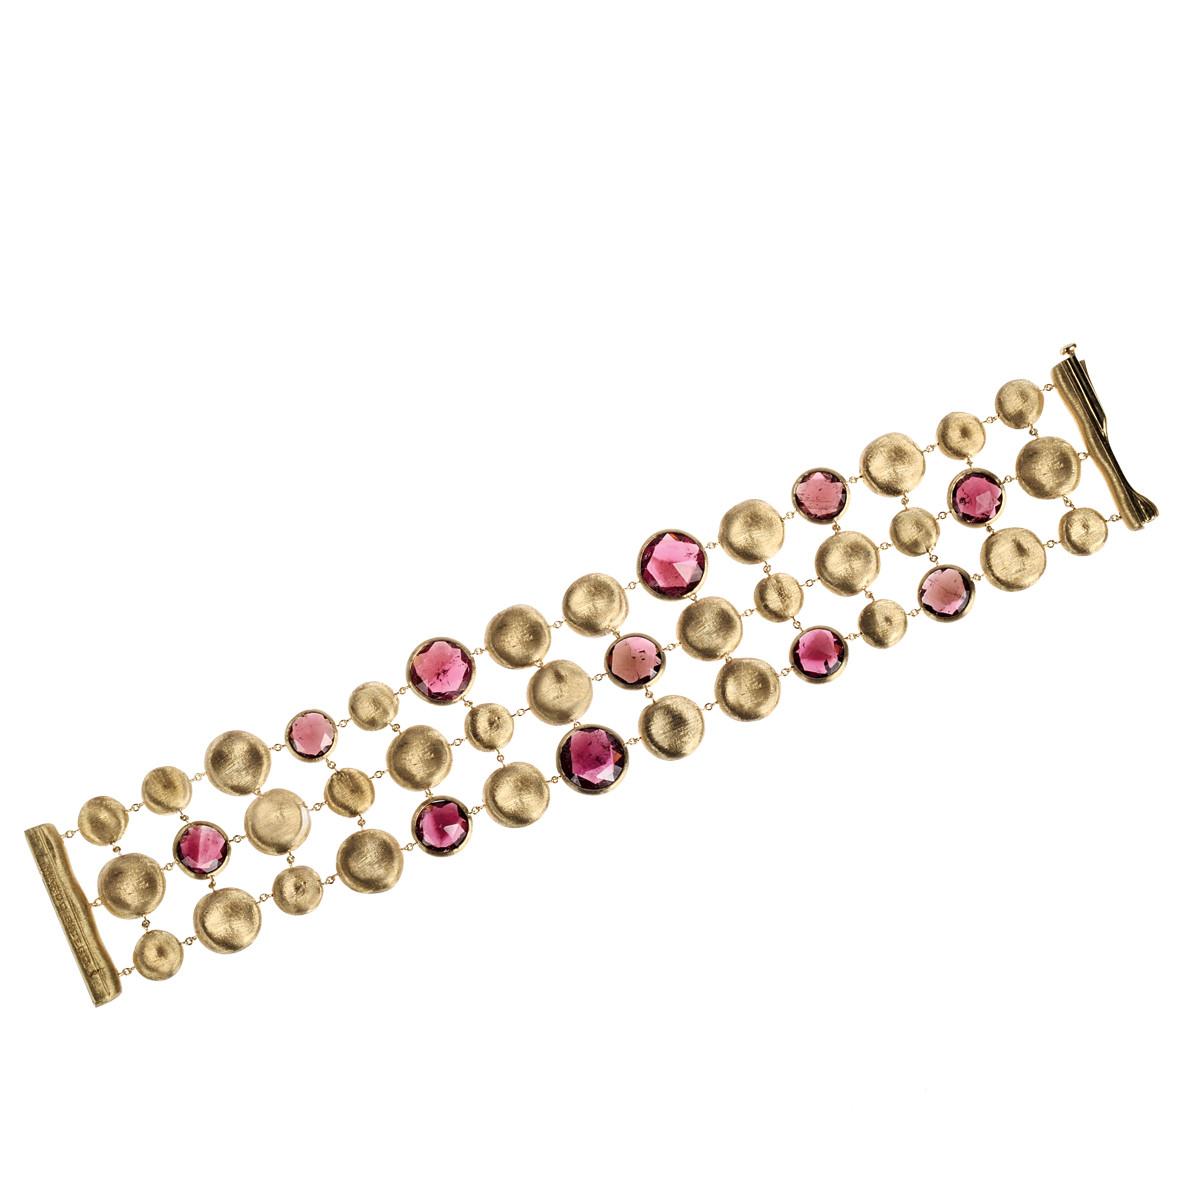 Vintage Marco Bicego 3-Strand Bracelet